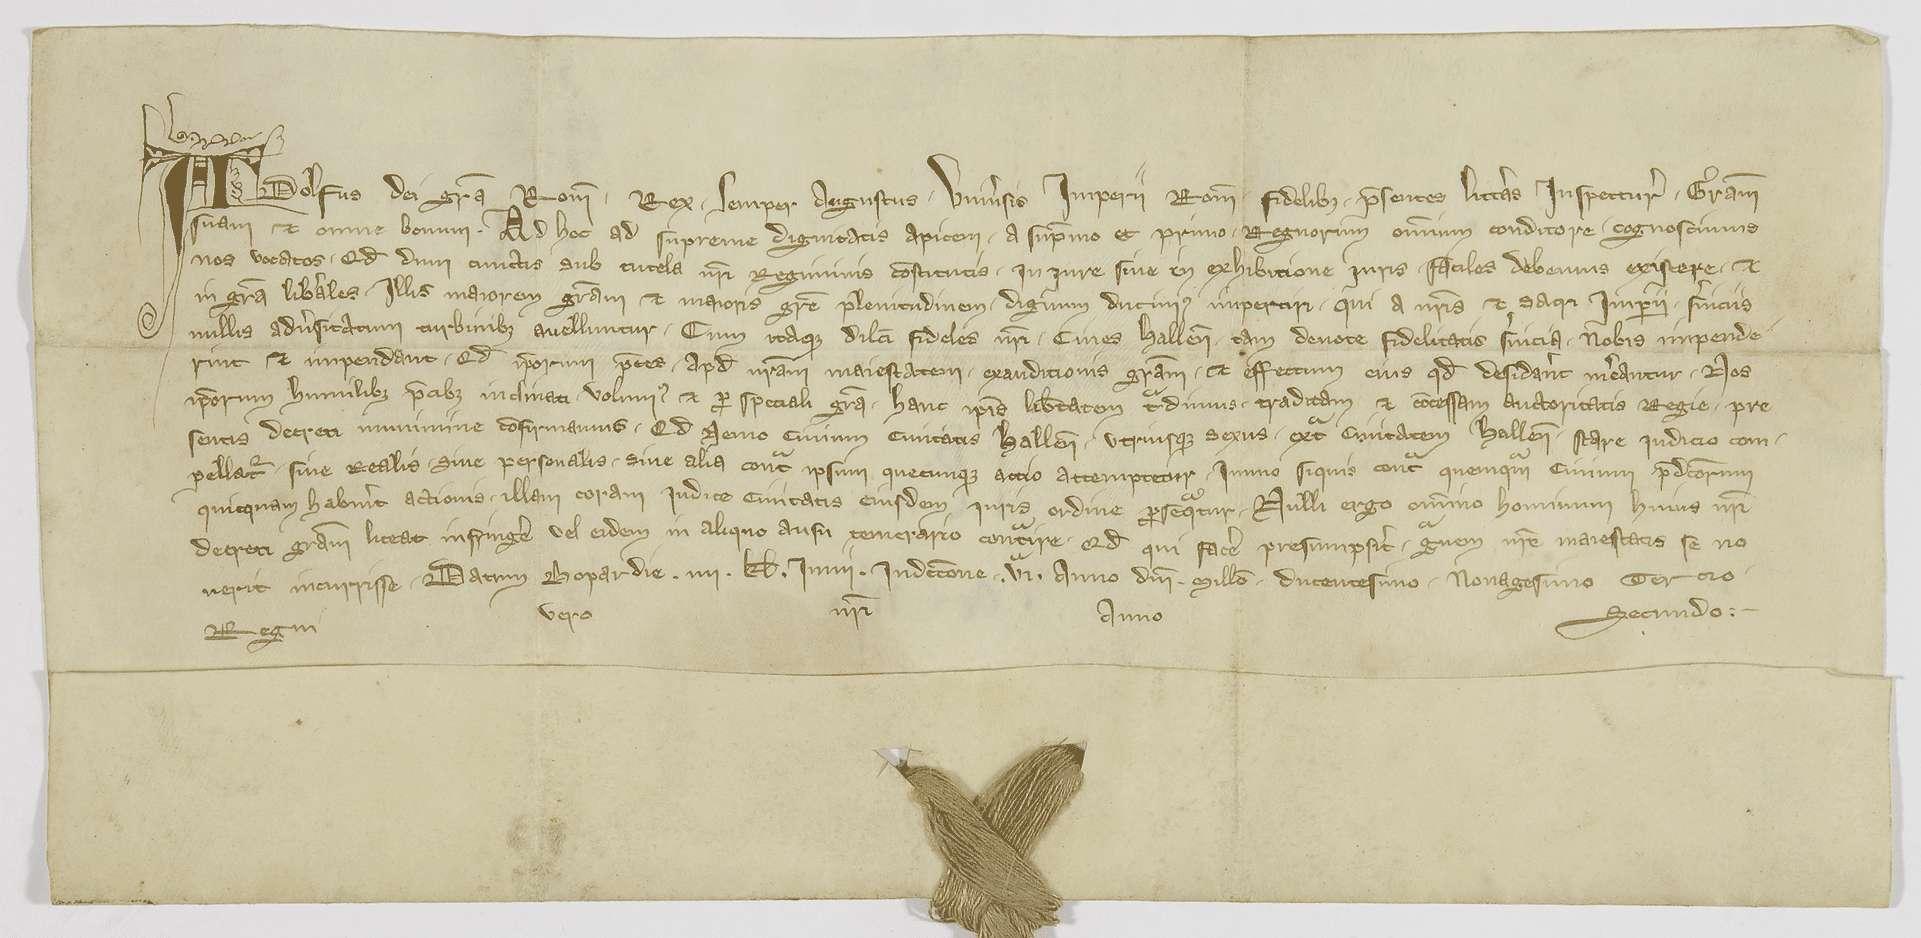 König Adolf von Nassau verleiht den Bürgern von Hall das privilegium de non evocando., Bild 1